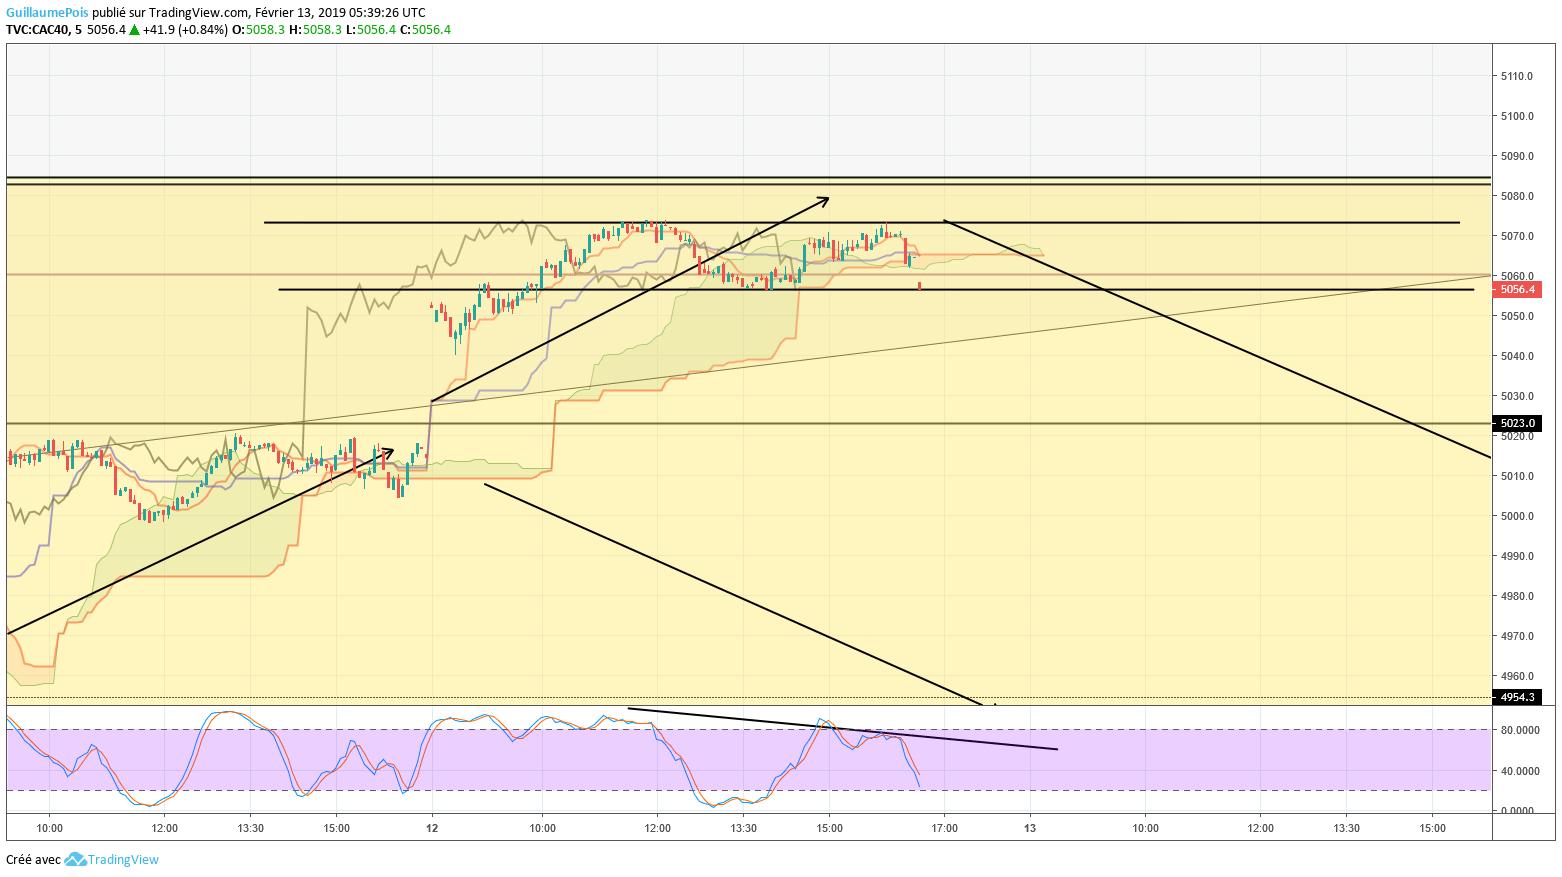 CAC40 Trading Plan 13/02/2019